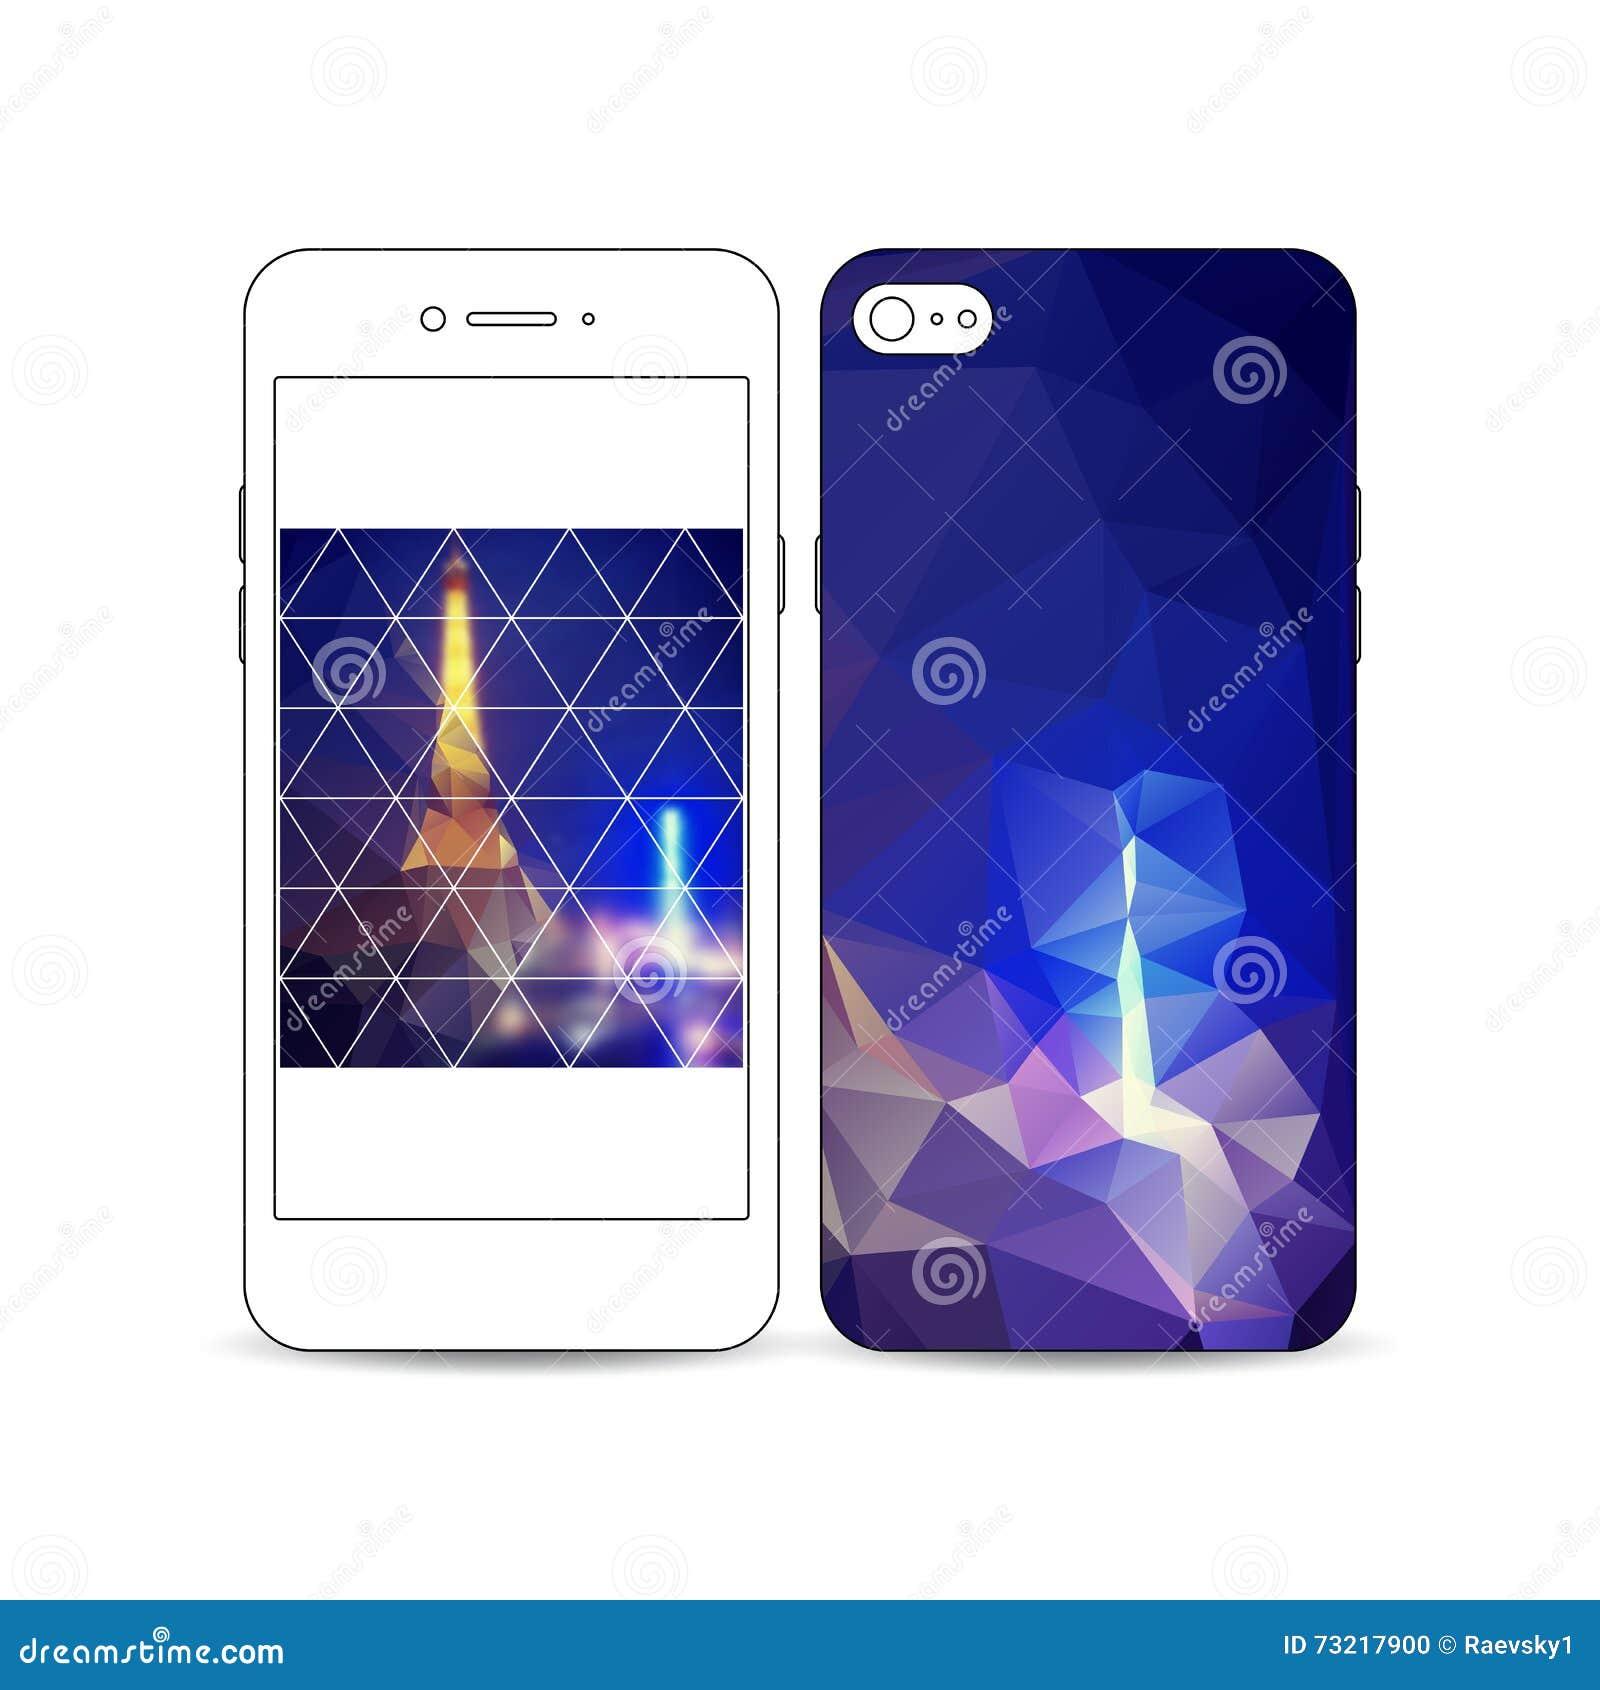 2499b231cb5 Smartphone móvil con un ejemplo del diseño de la pantalla y de la cubierta  aislado en el fondo blanco Fondo poligonal oscuro, imagen borrosa, paisaje  de la ...